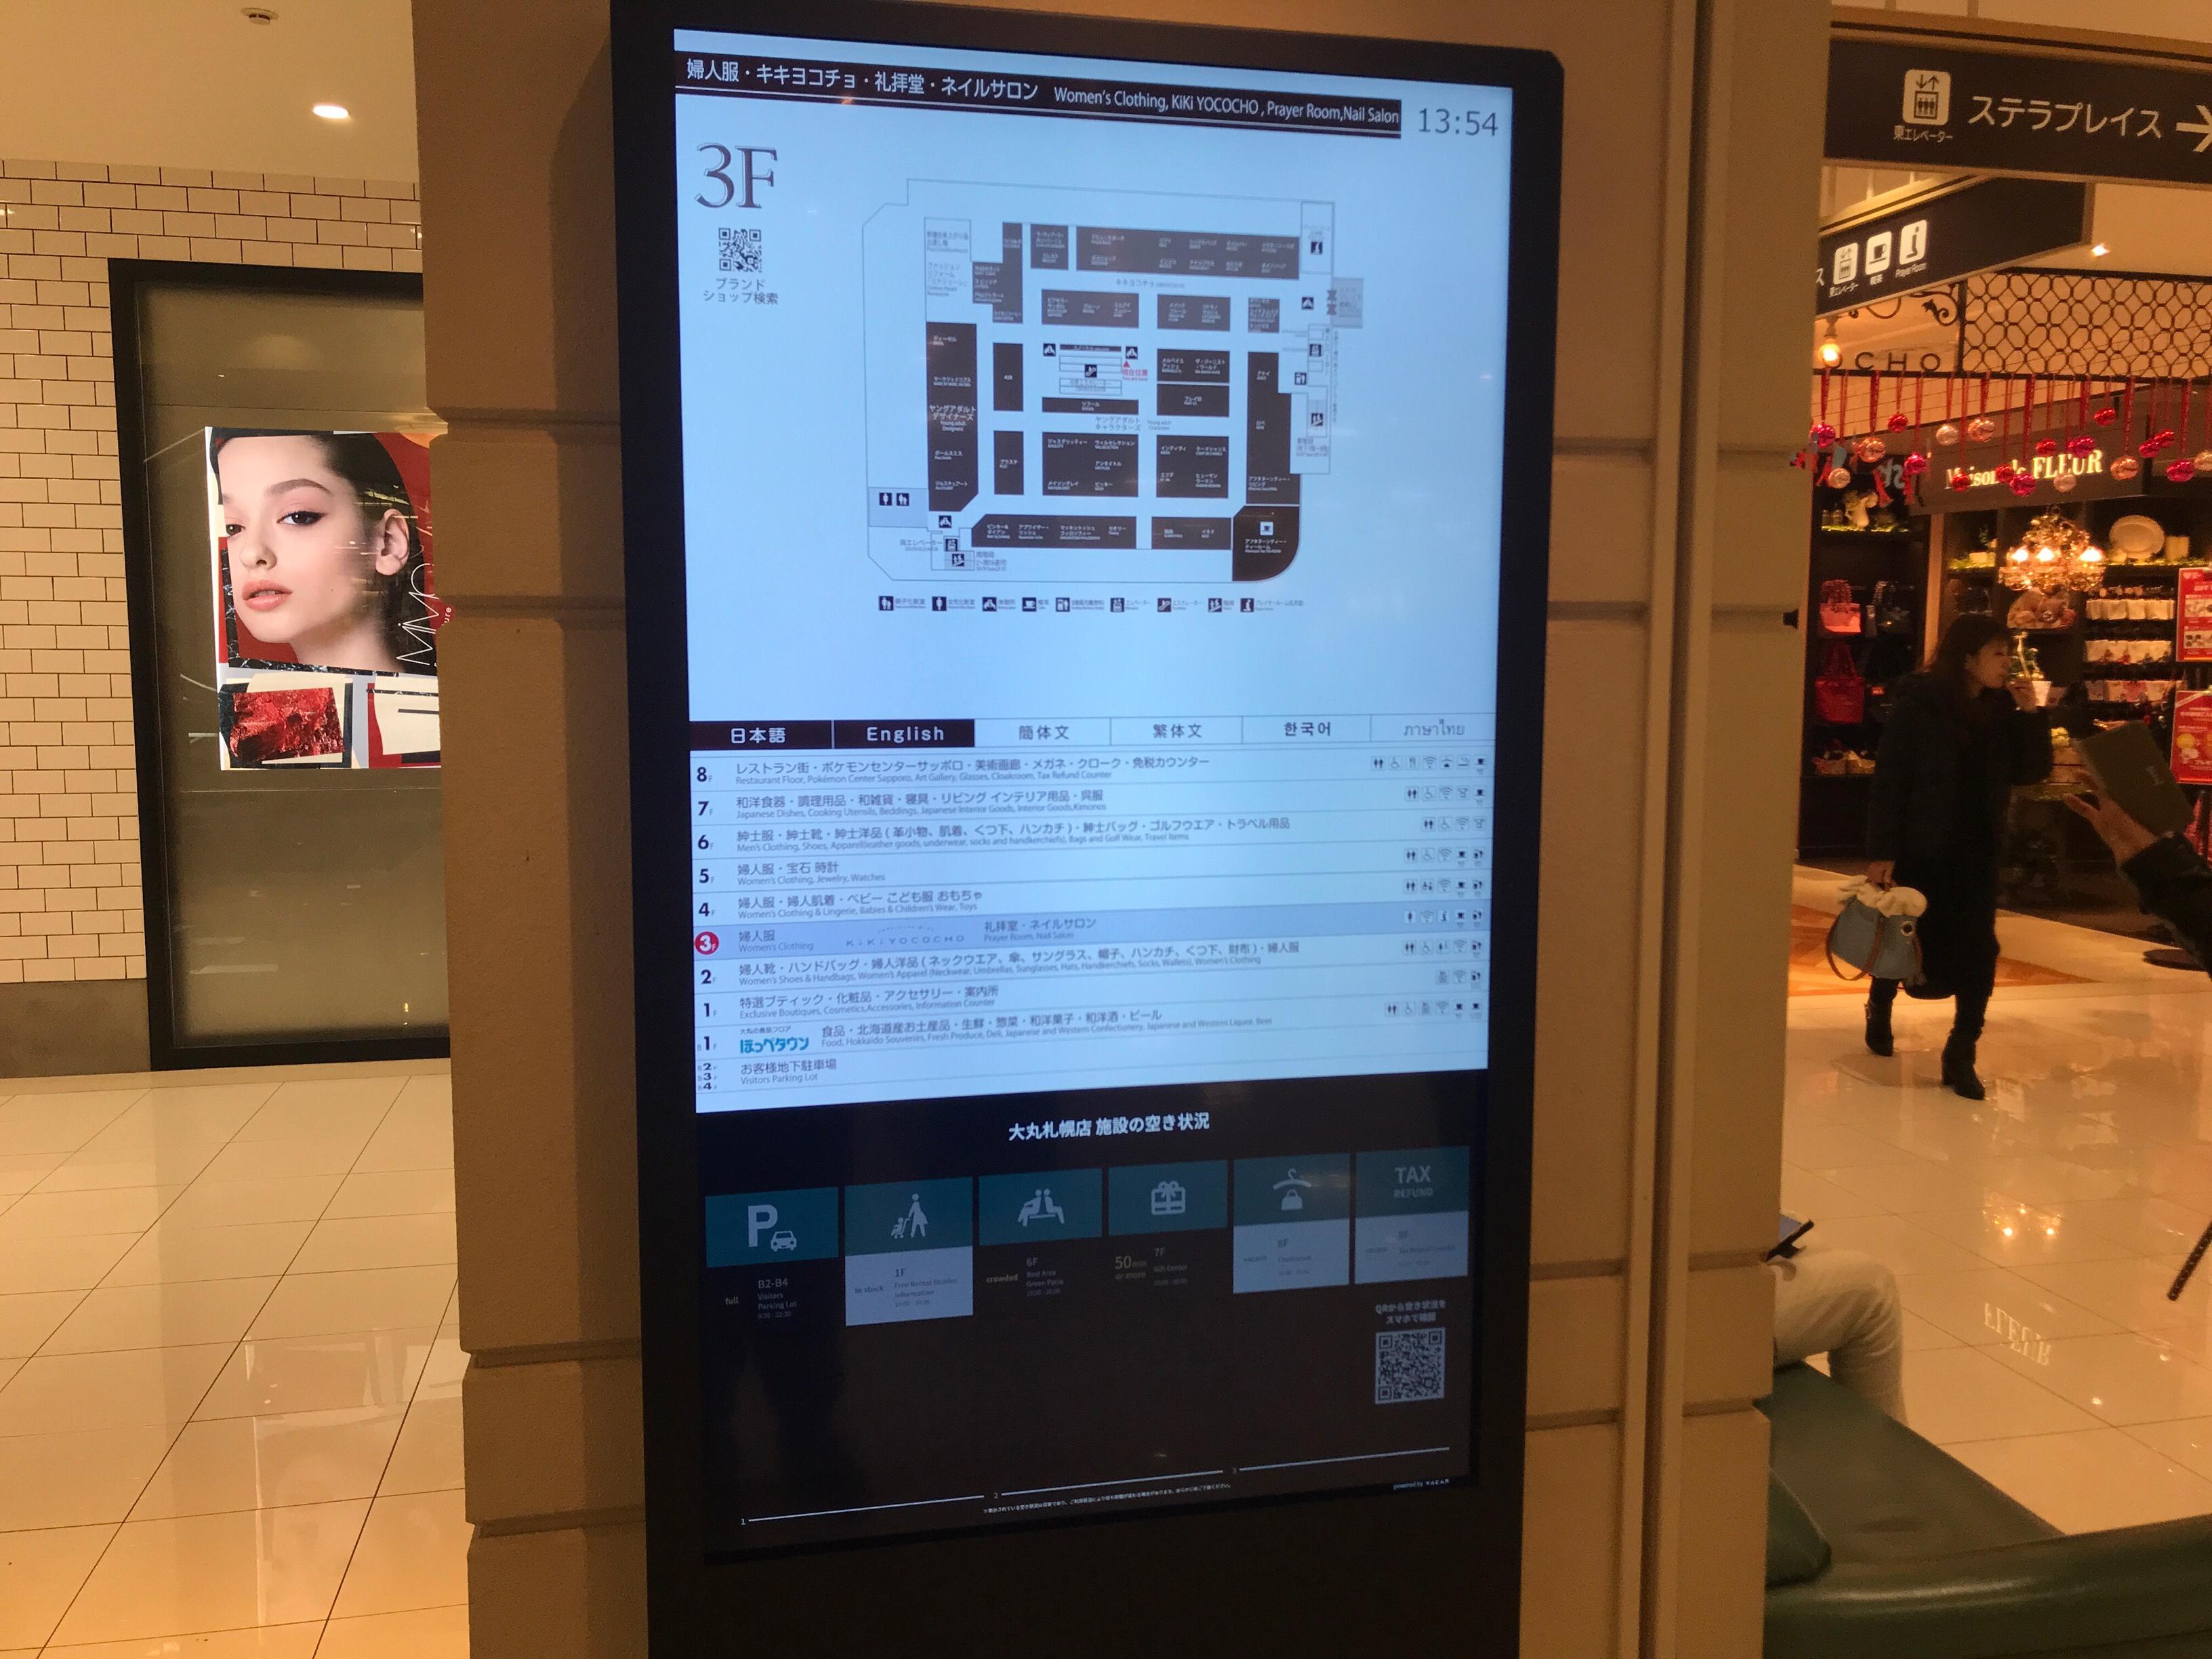 大丸札幌にある飲食店などの空席情報を表示しているデジタルサイネージ